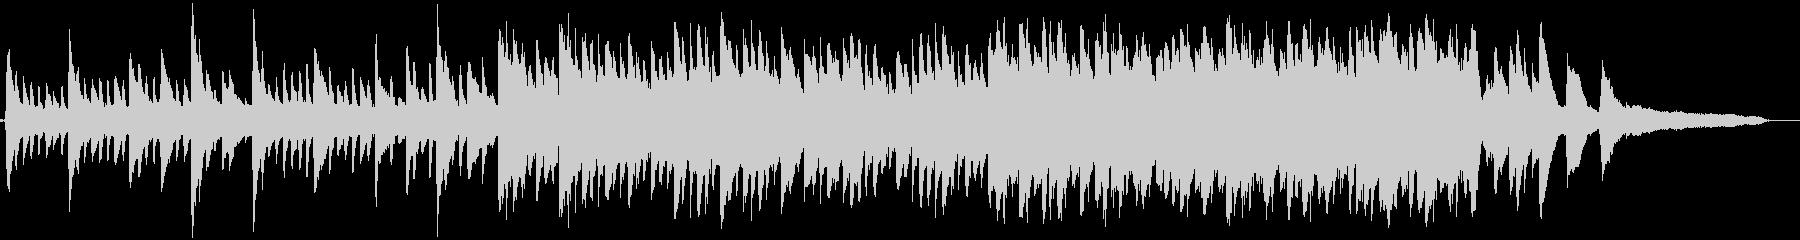 クリアな水と月をイメージしたピアノ曲の未再生の波形